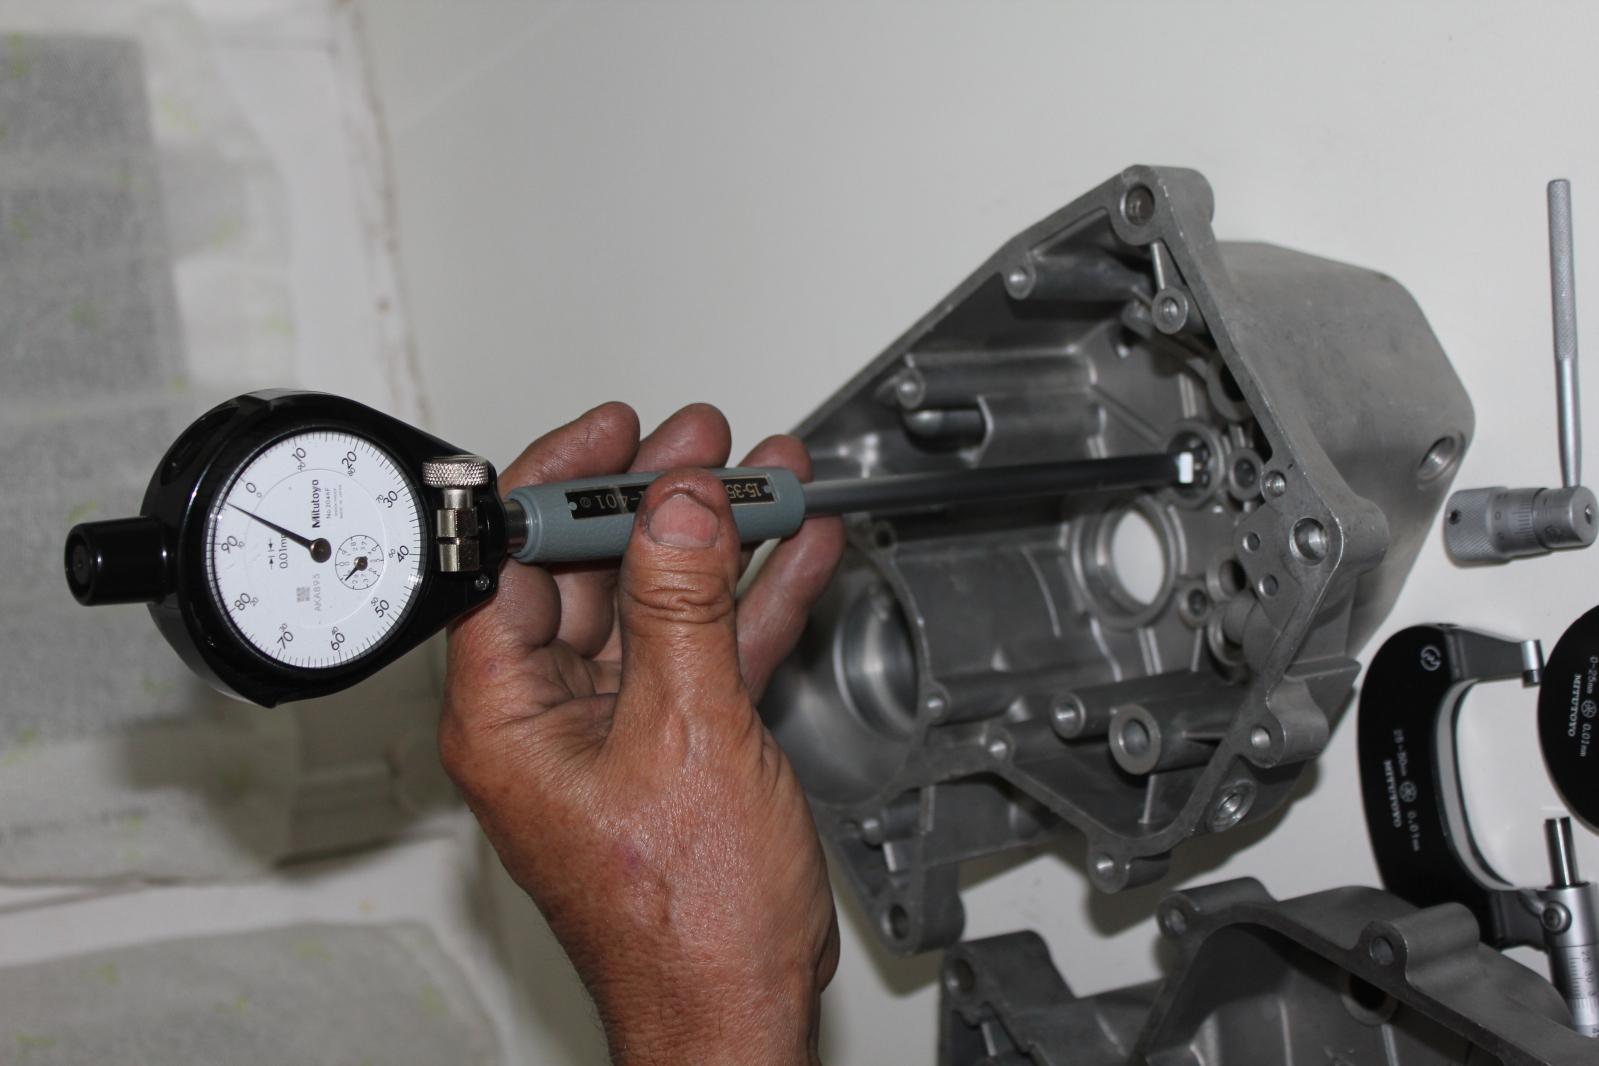 encendido - Mejoras en motores P3 P4 RV4 DL P6 K6... - Página 3 311rup4